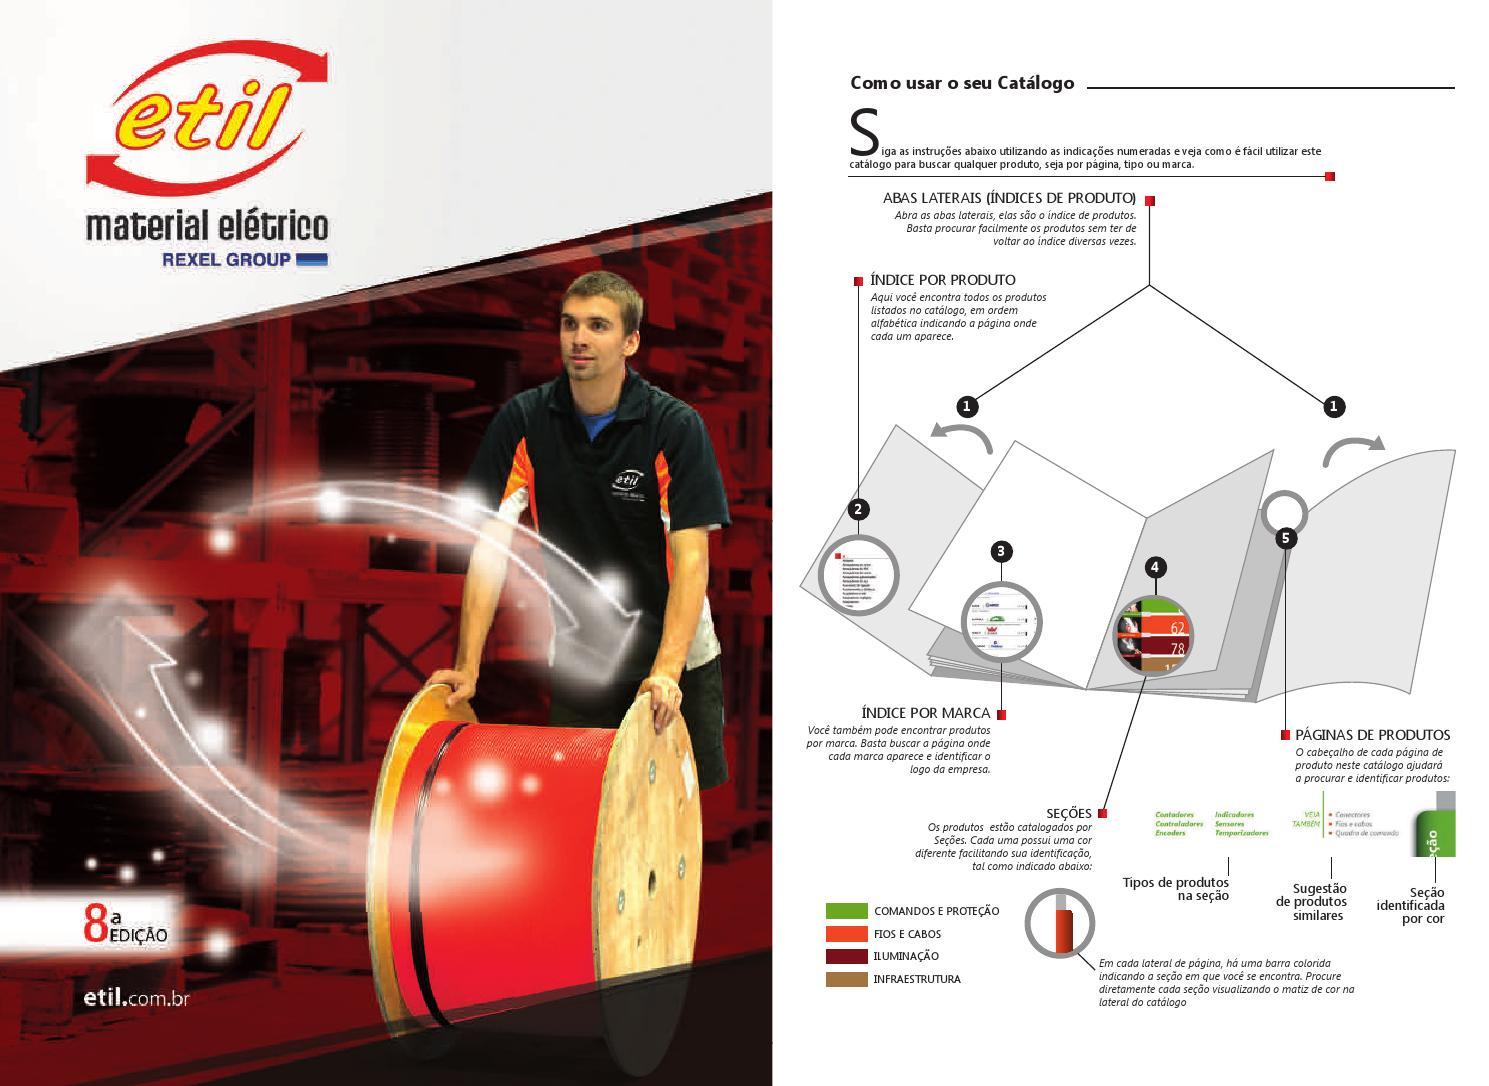 Catlogo De Produtos Etil By Web Bizz Marketing Online Issuu Este Um Circuito Piscapisca Usando Nico Transistor Condutor